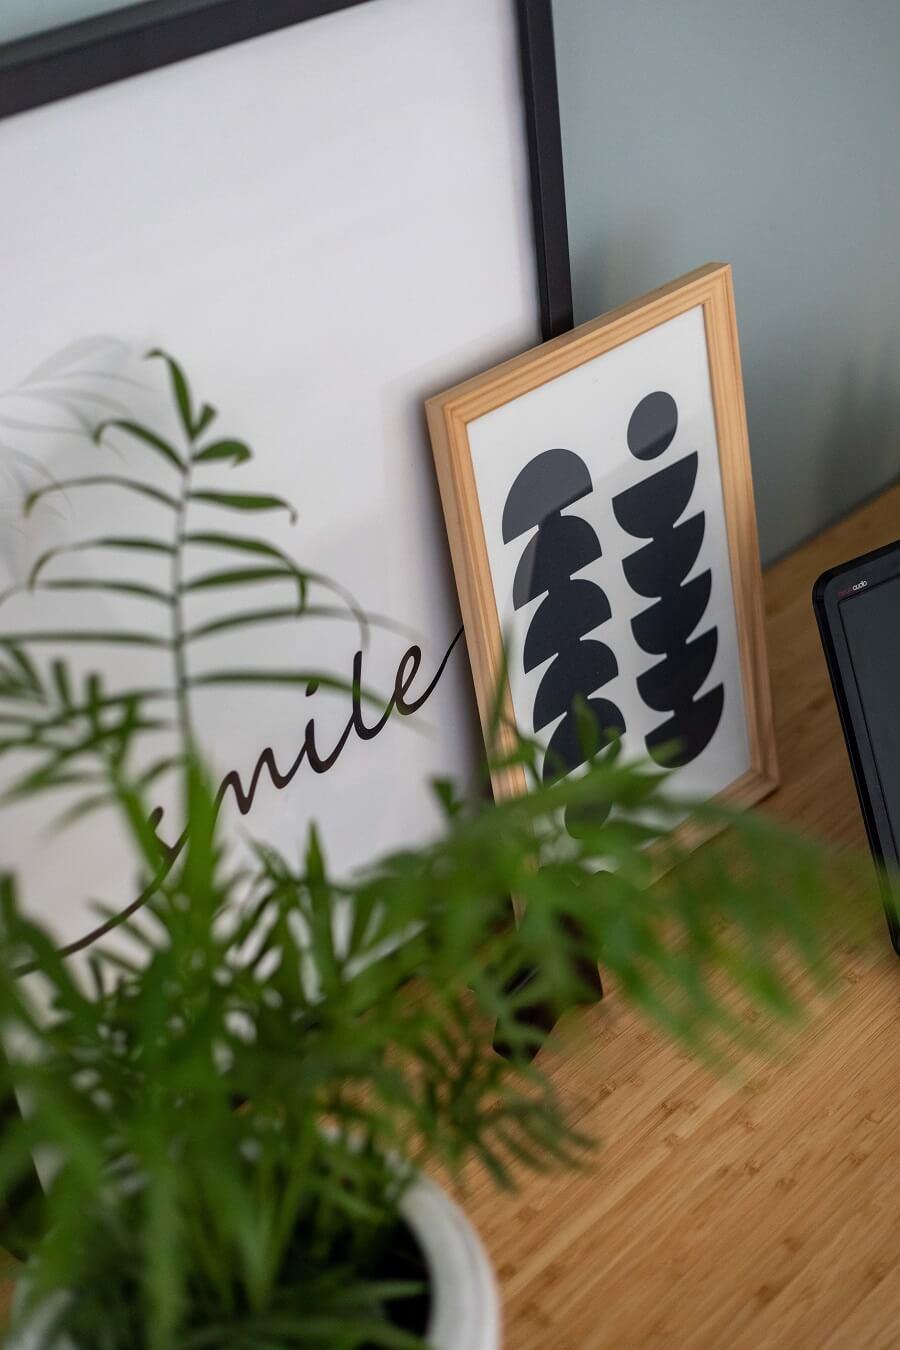 עיצוב יעל רביב | צילום אורית ארנון